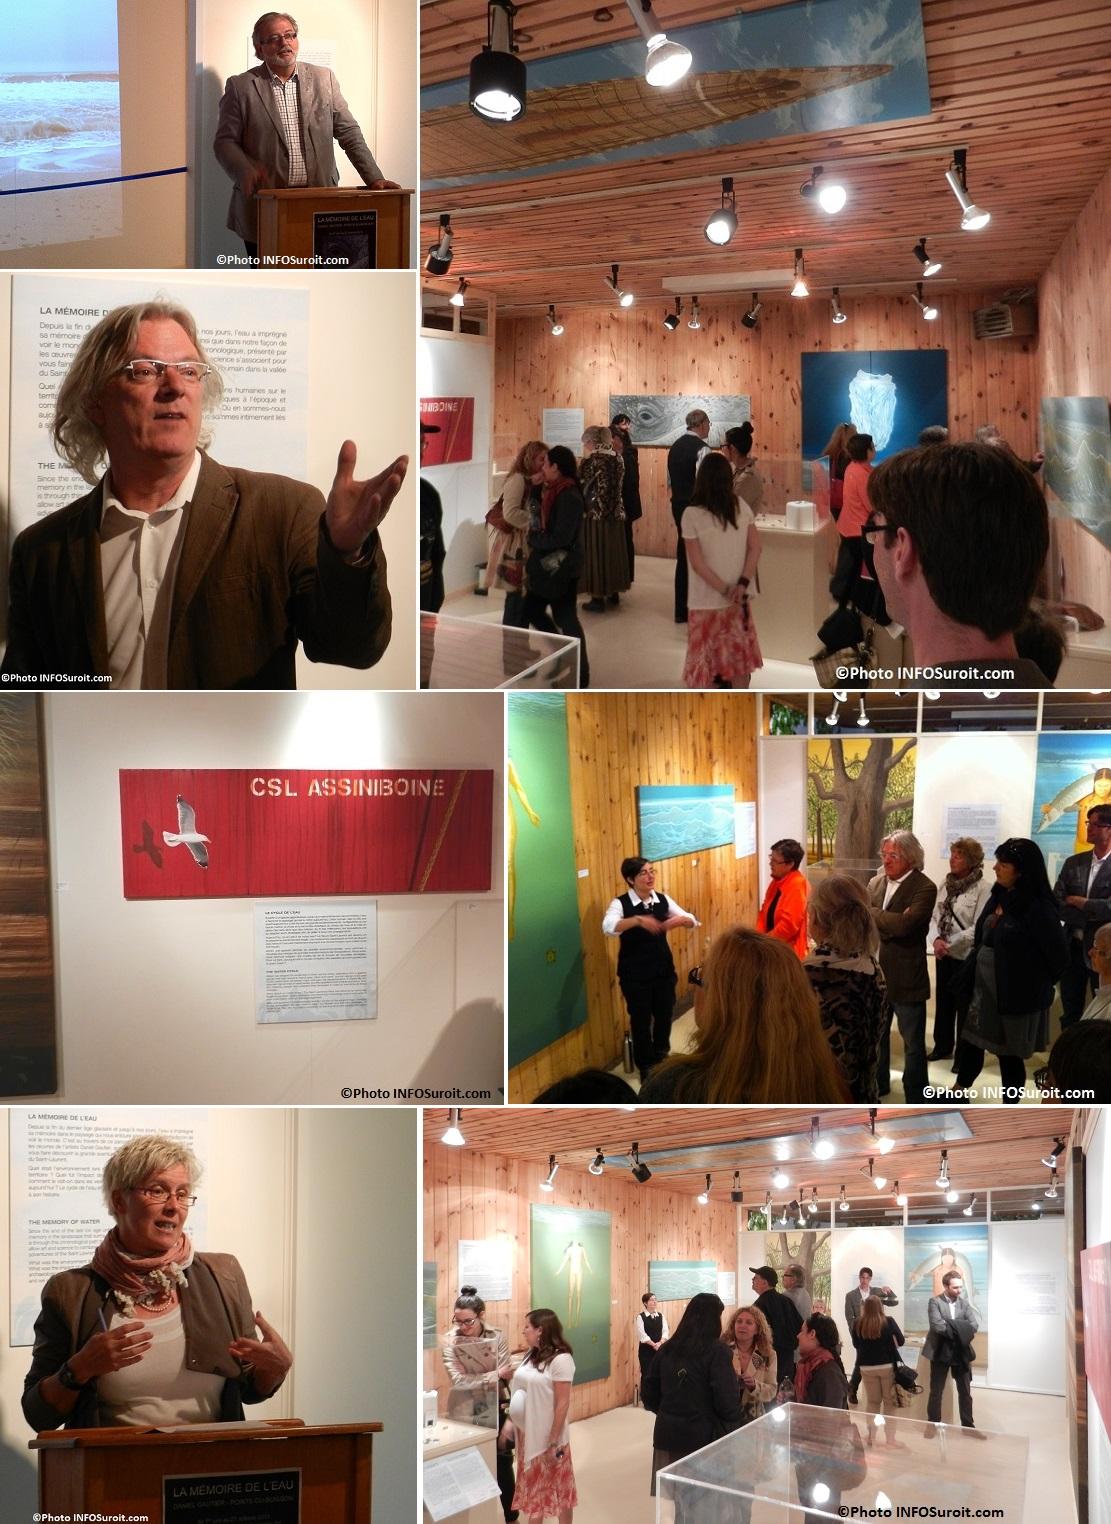 Expo-Memoire-de-l-eau-Pointe-du-Buisson-musee-archeologie-a-Beauharnois-Montage-Photos-INFOSuroit_com